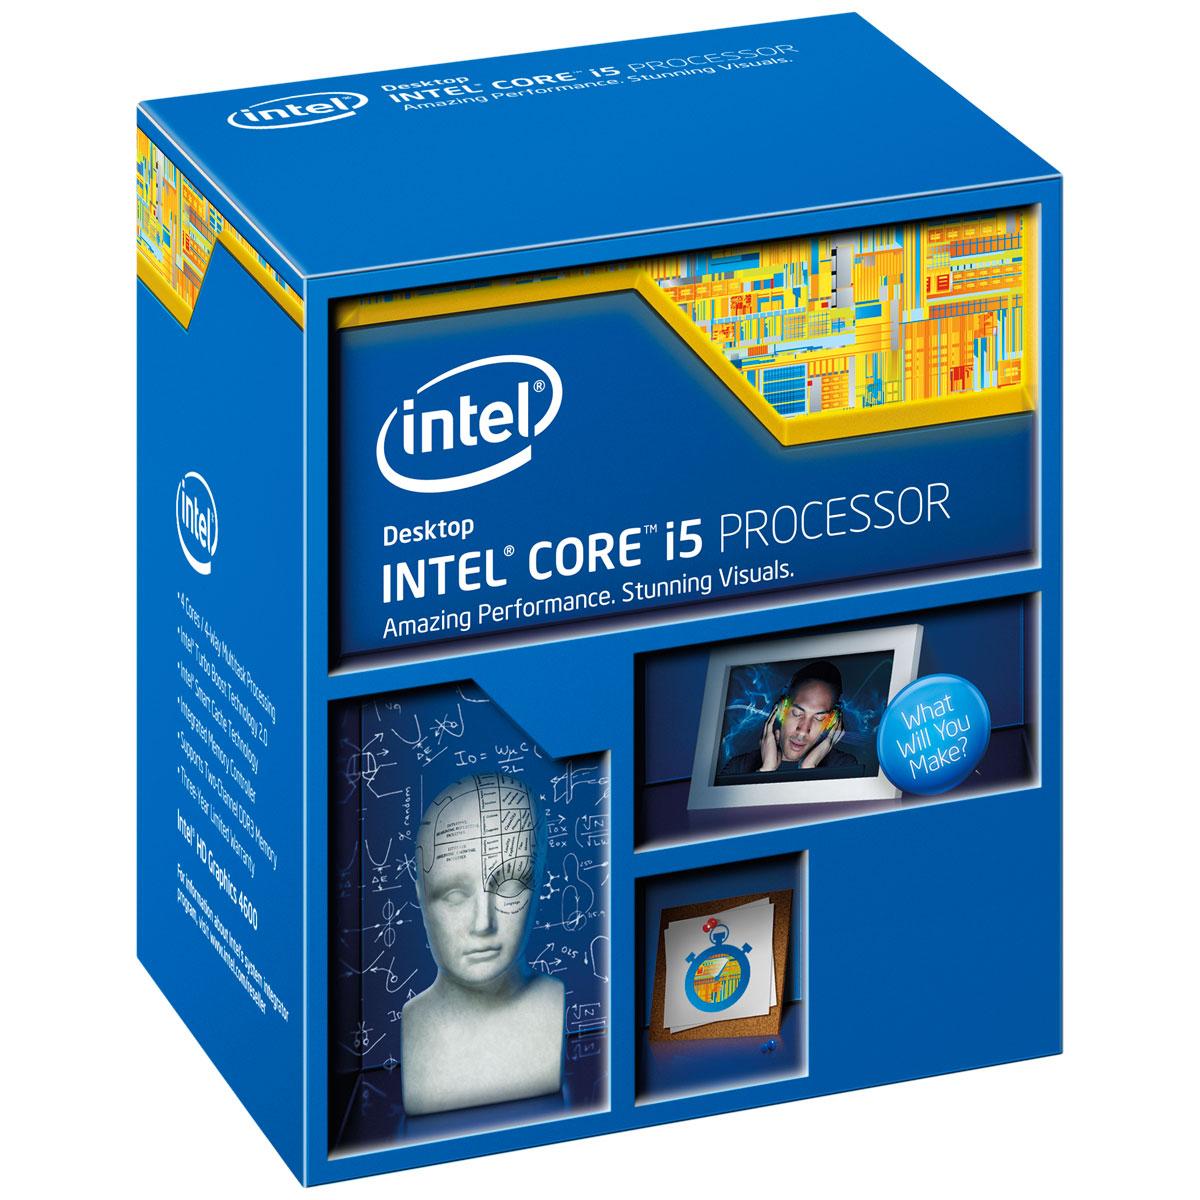 Processeur Intel Core i5-4590 (3.3 GHz) Processeur Quad Core Socket 1150 Cache L3 6 Mo Intel HD Graphics 4600 0.022 micron (version boîte - garantie Intel 3 ans)